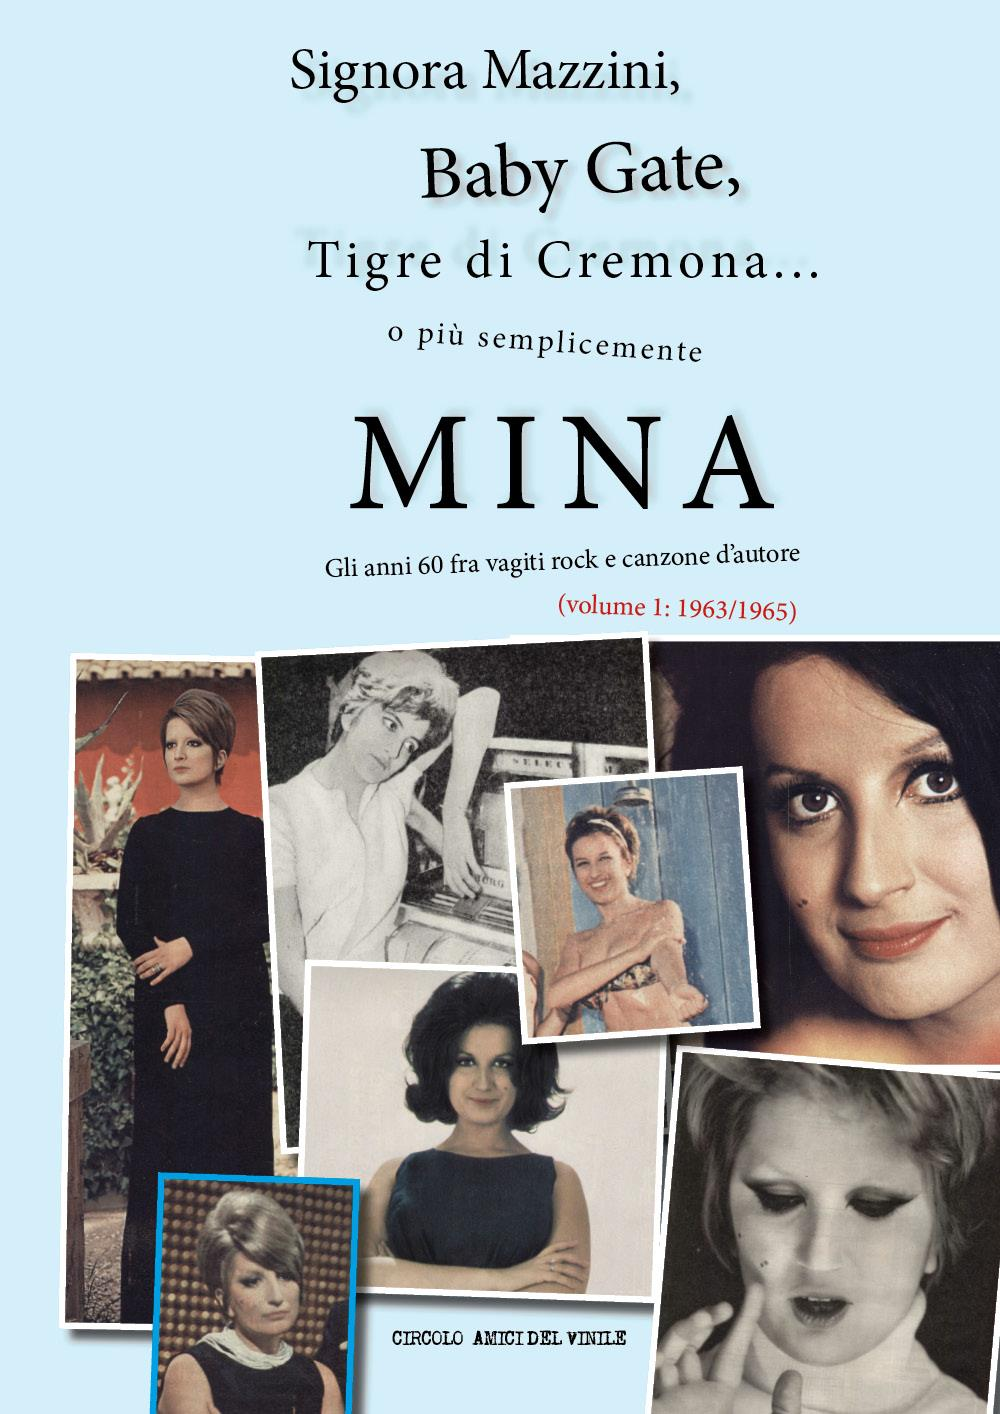 Signora Mazzini, Baby Gate, Tigre di Cremona... o più semplicemente MINA - Gli anni 60 fra vagiti rock e canzone d'autore (Volume 1: 1963/1965)